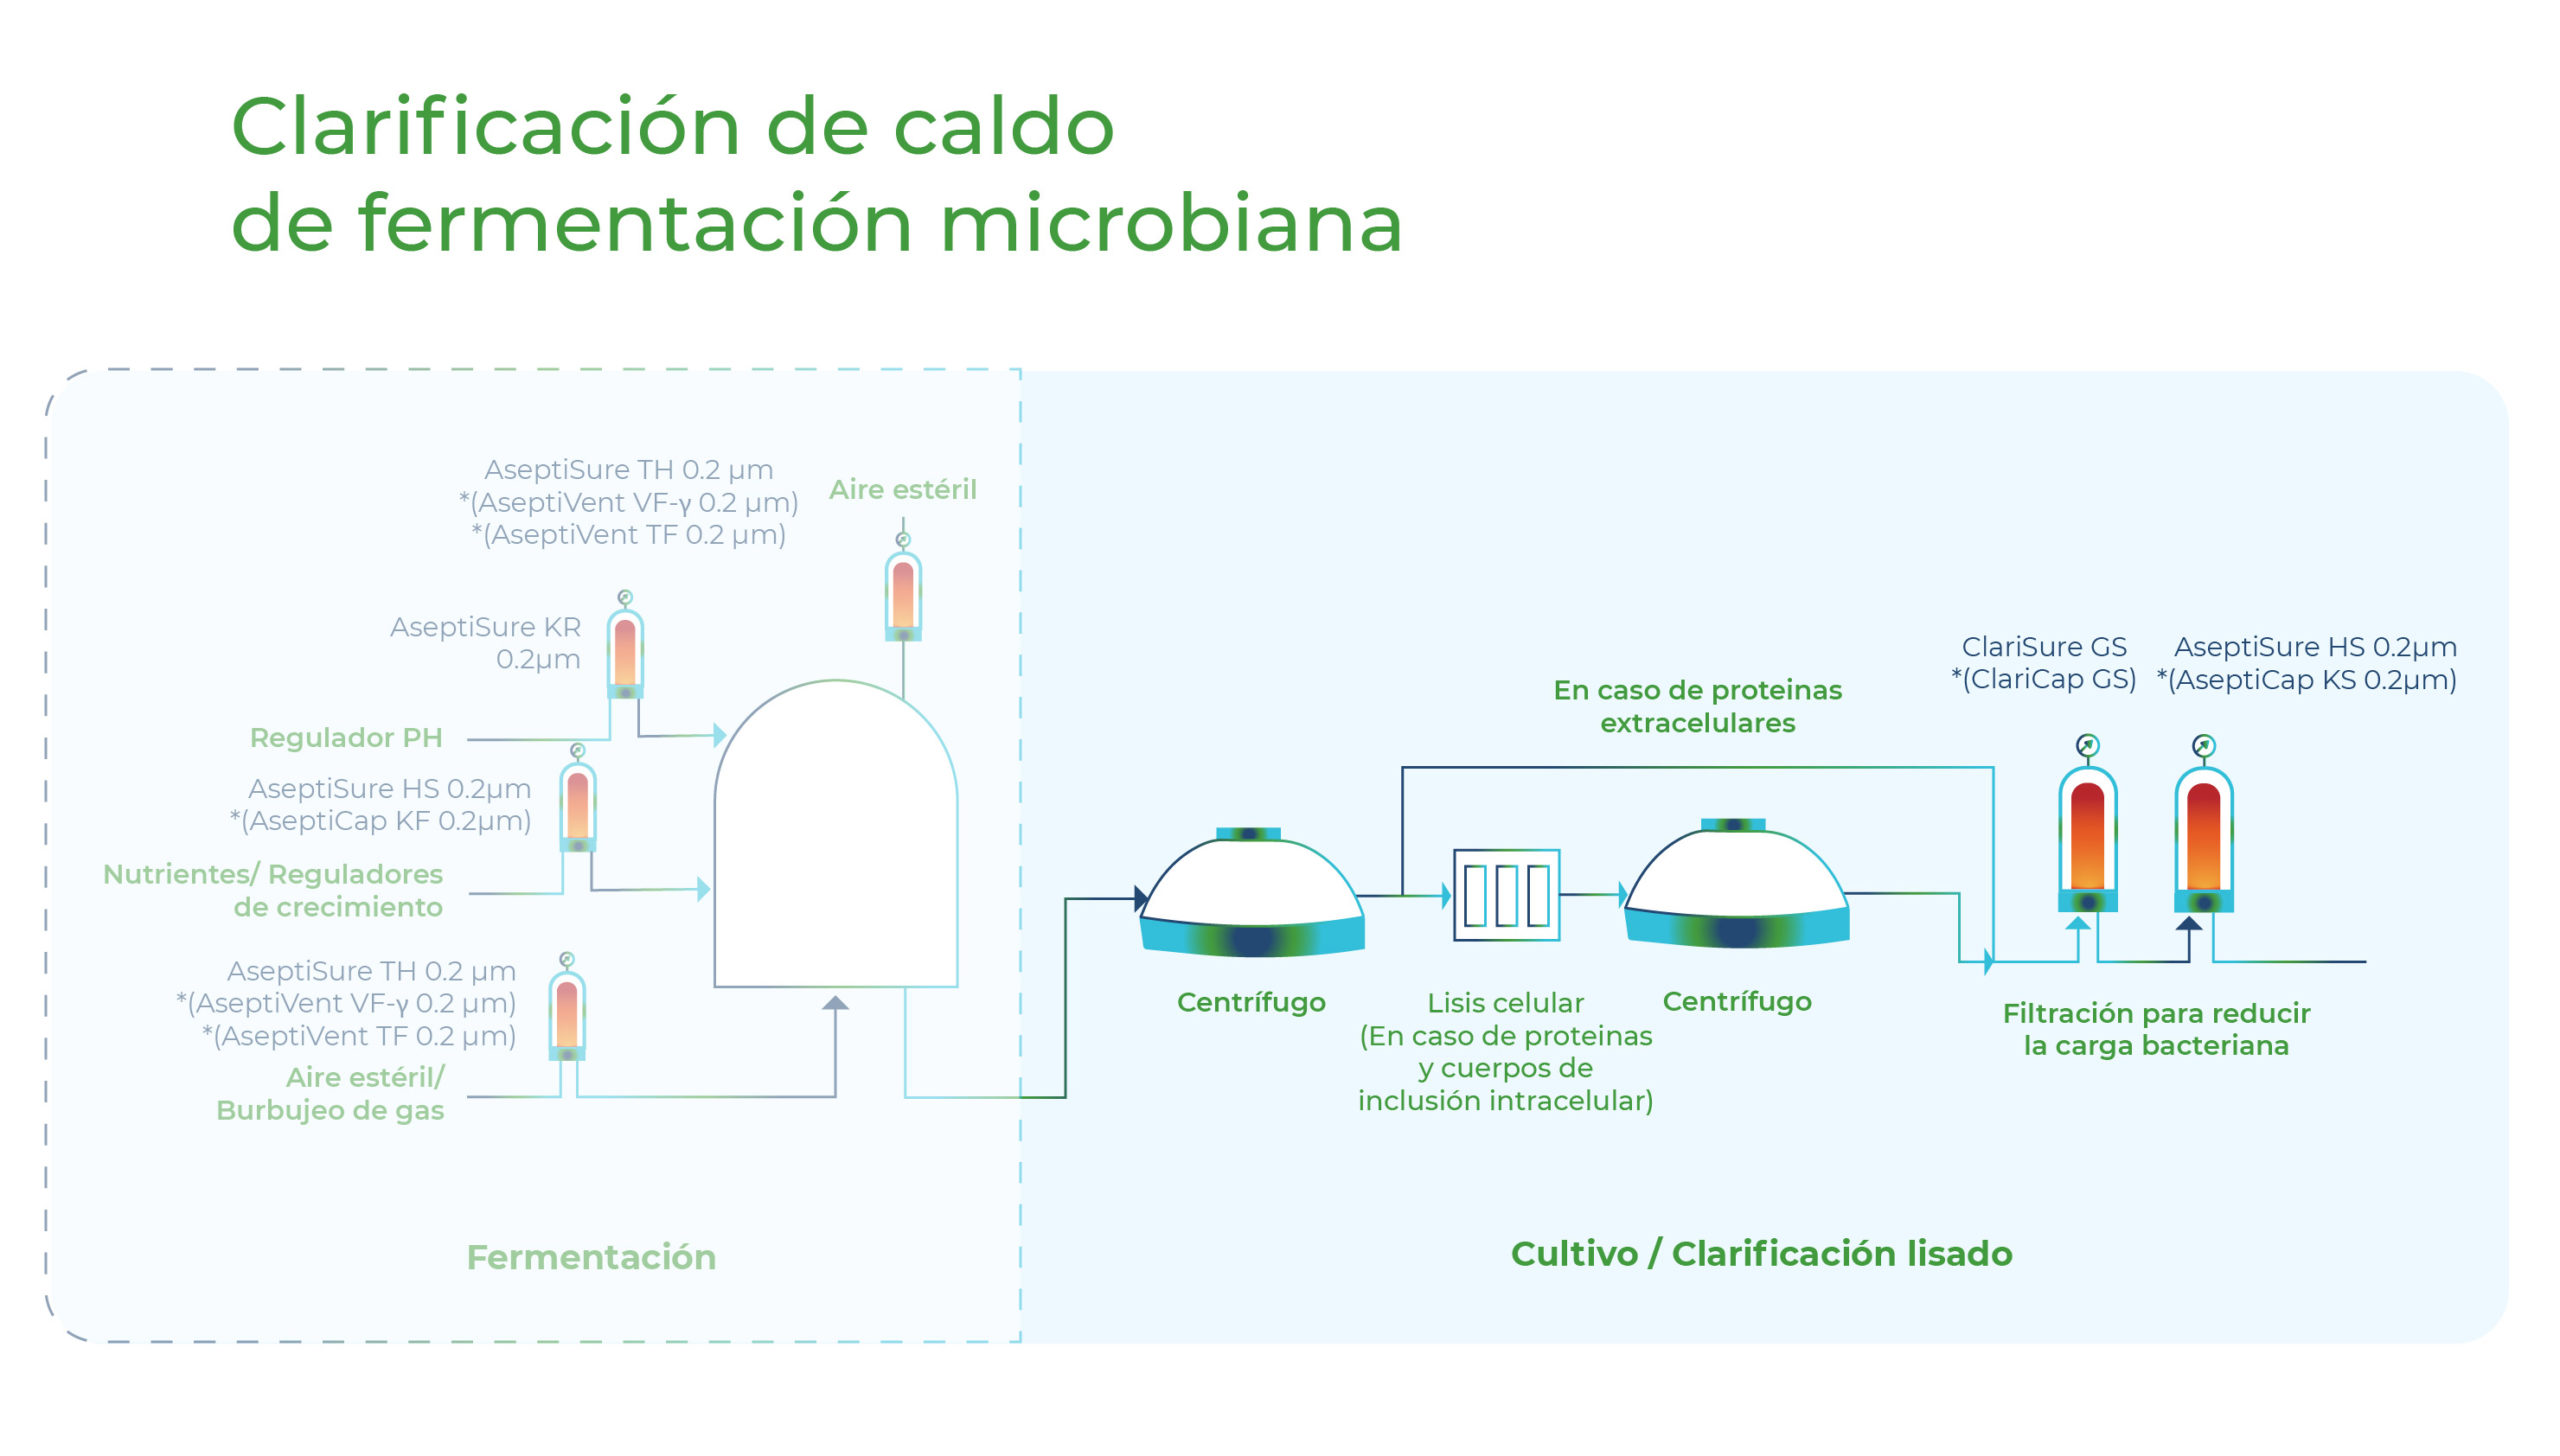 Diagrama Clarificación de caldo de fermentación microbiana. Gesfilter